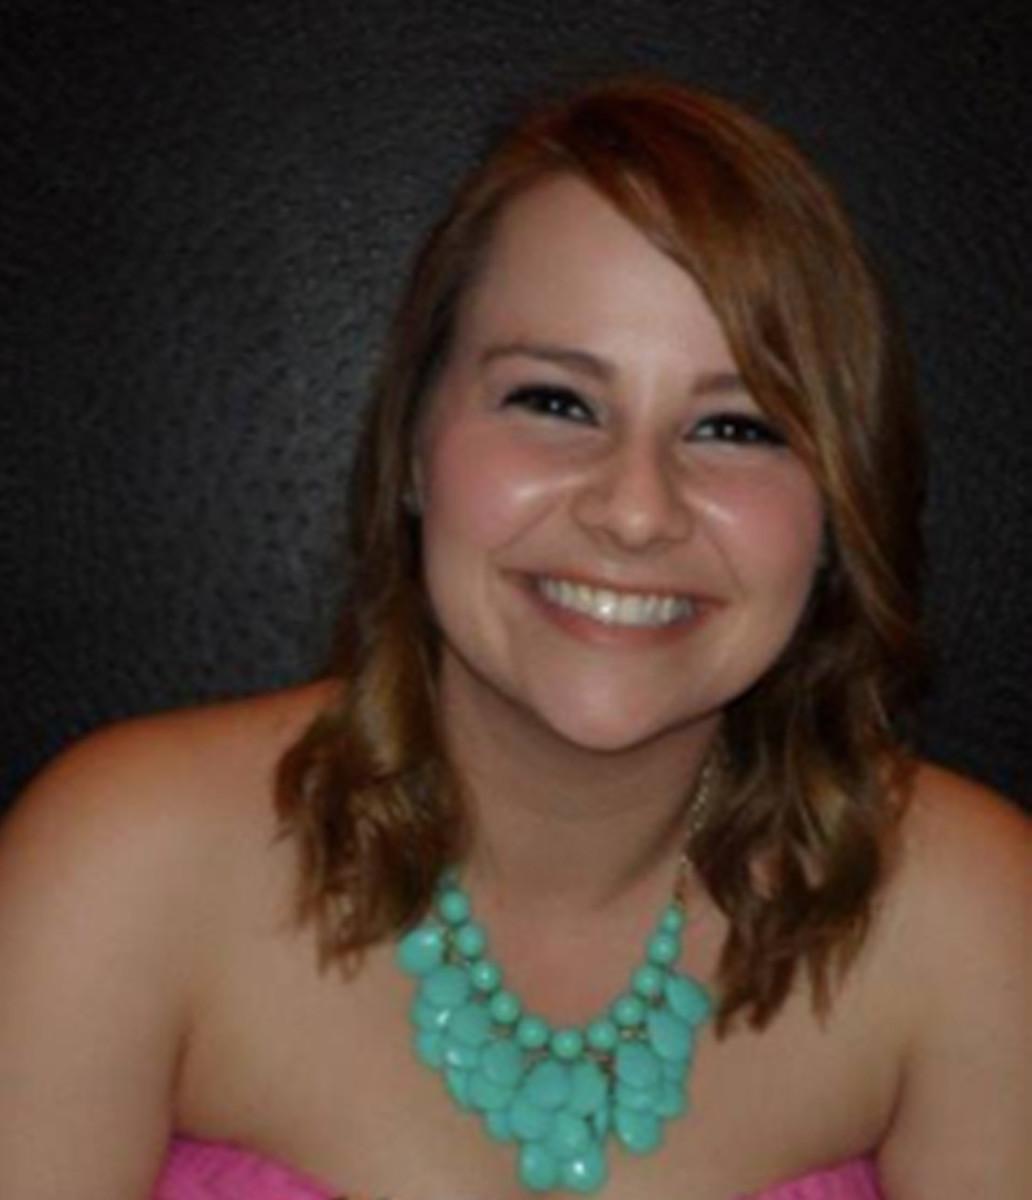 Hair consultation - Elyssa